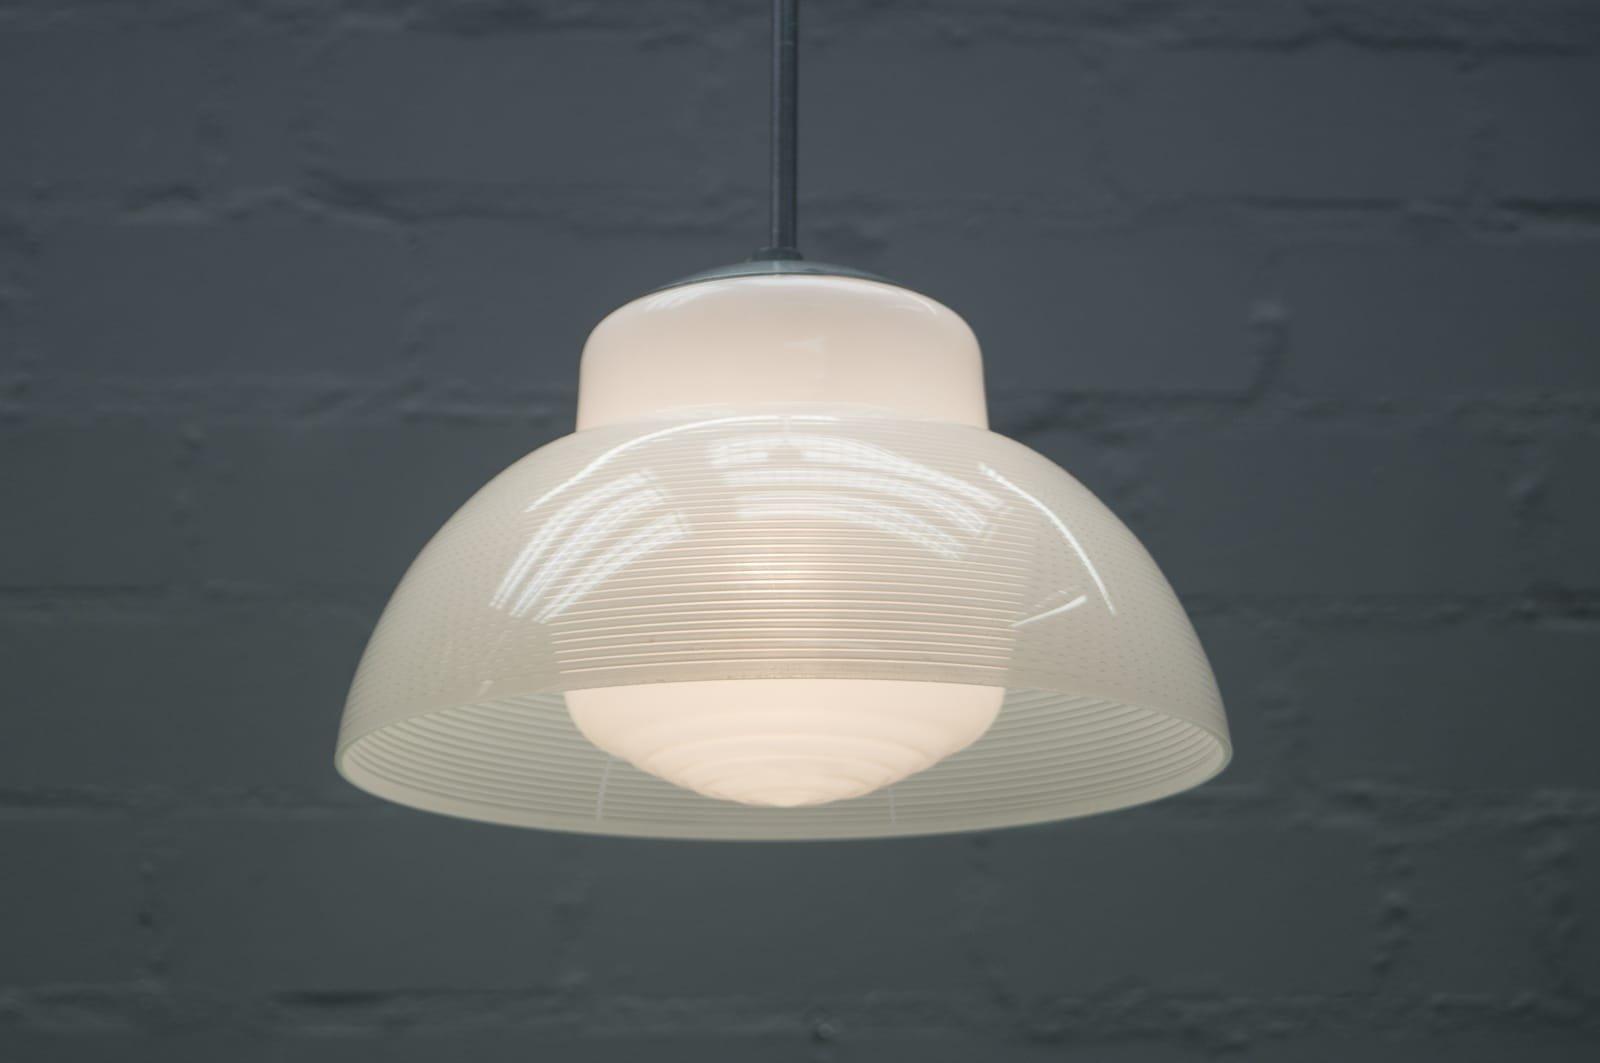 Bauhaus Deckenlampe mit Doppelleuchte, 1940er